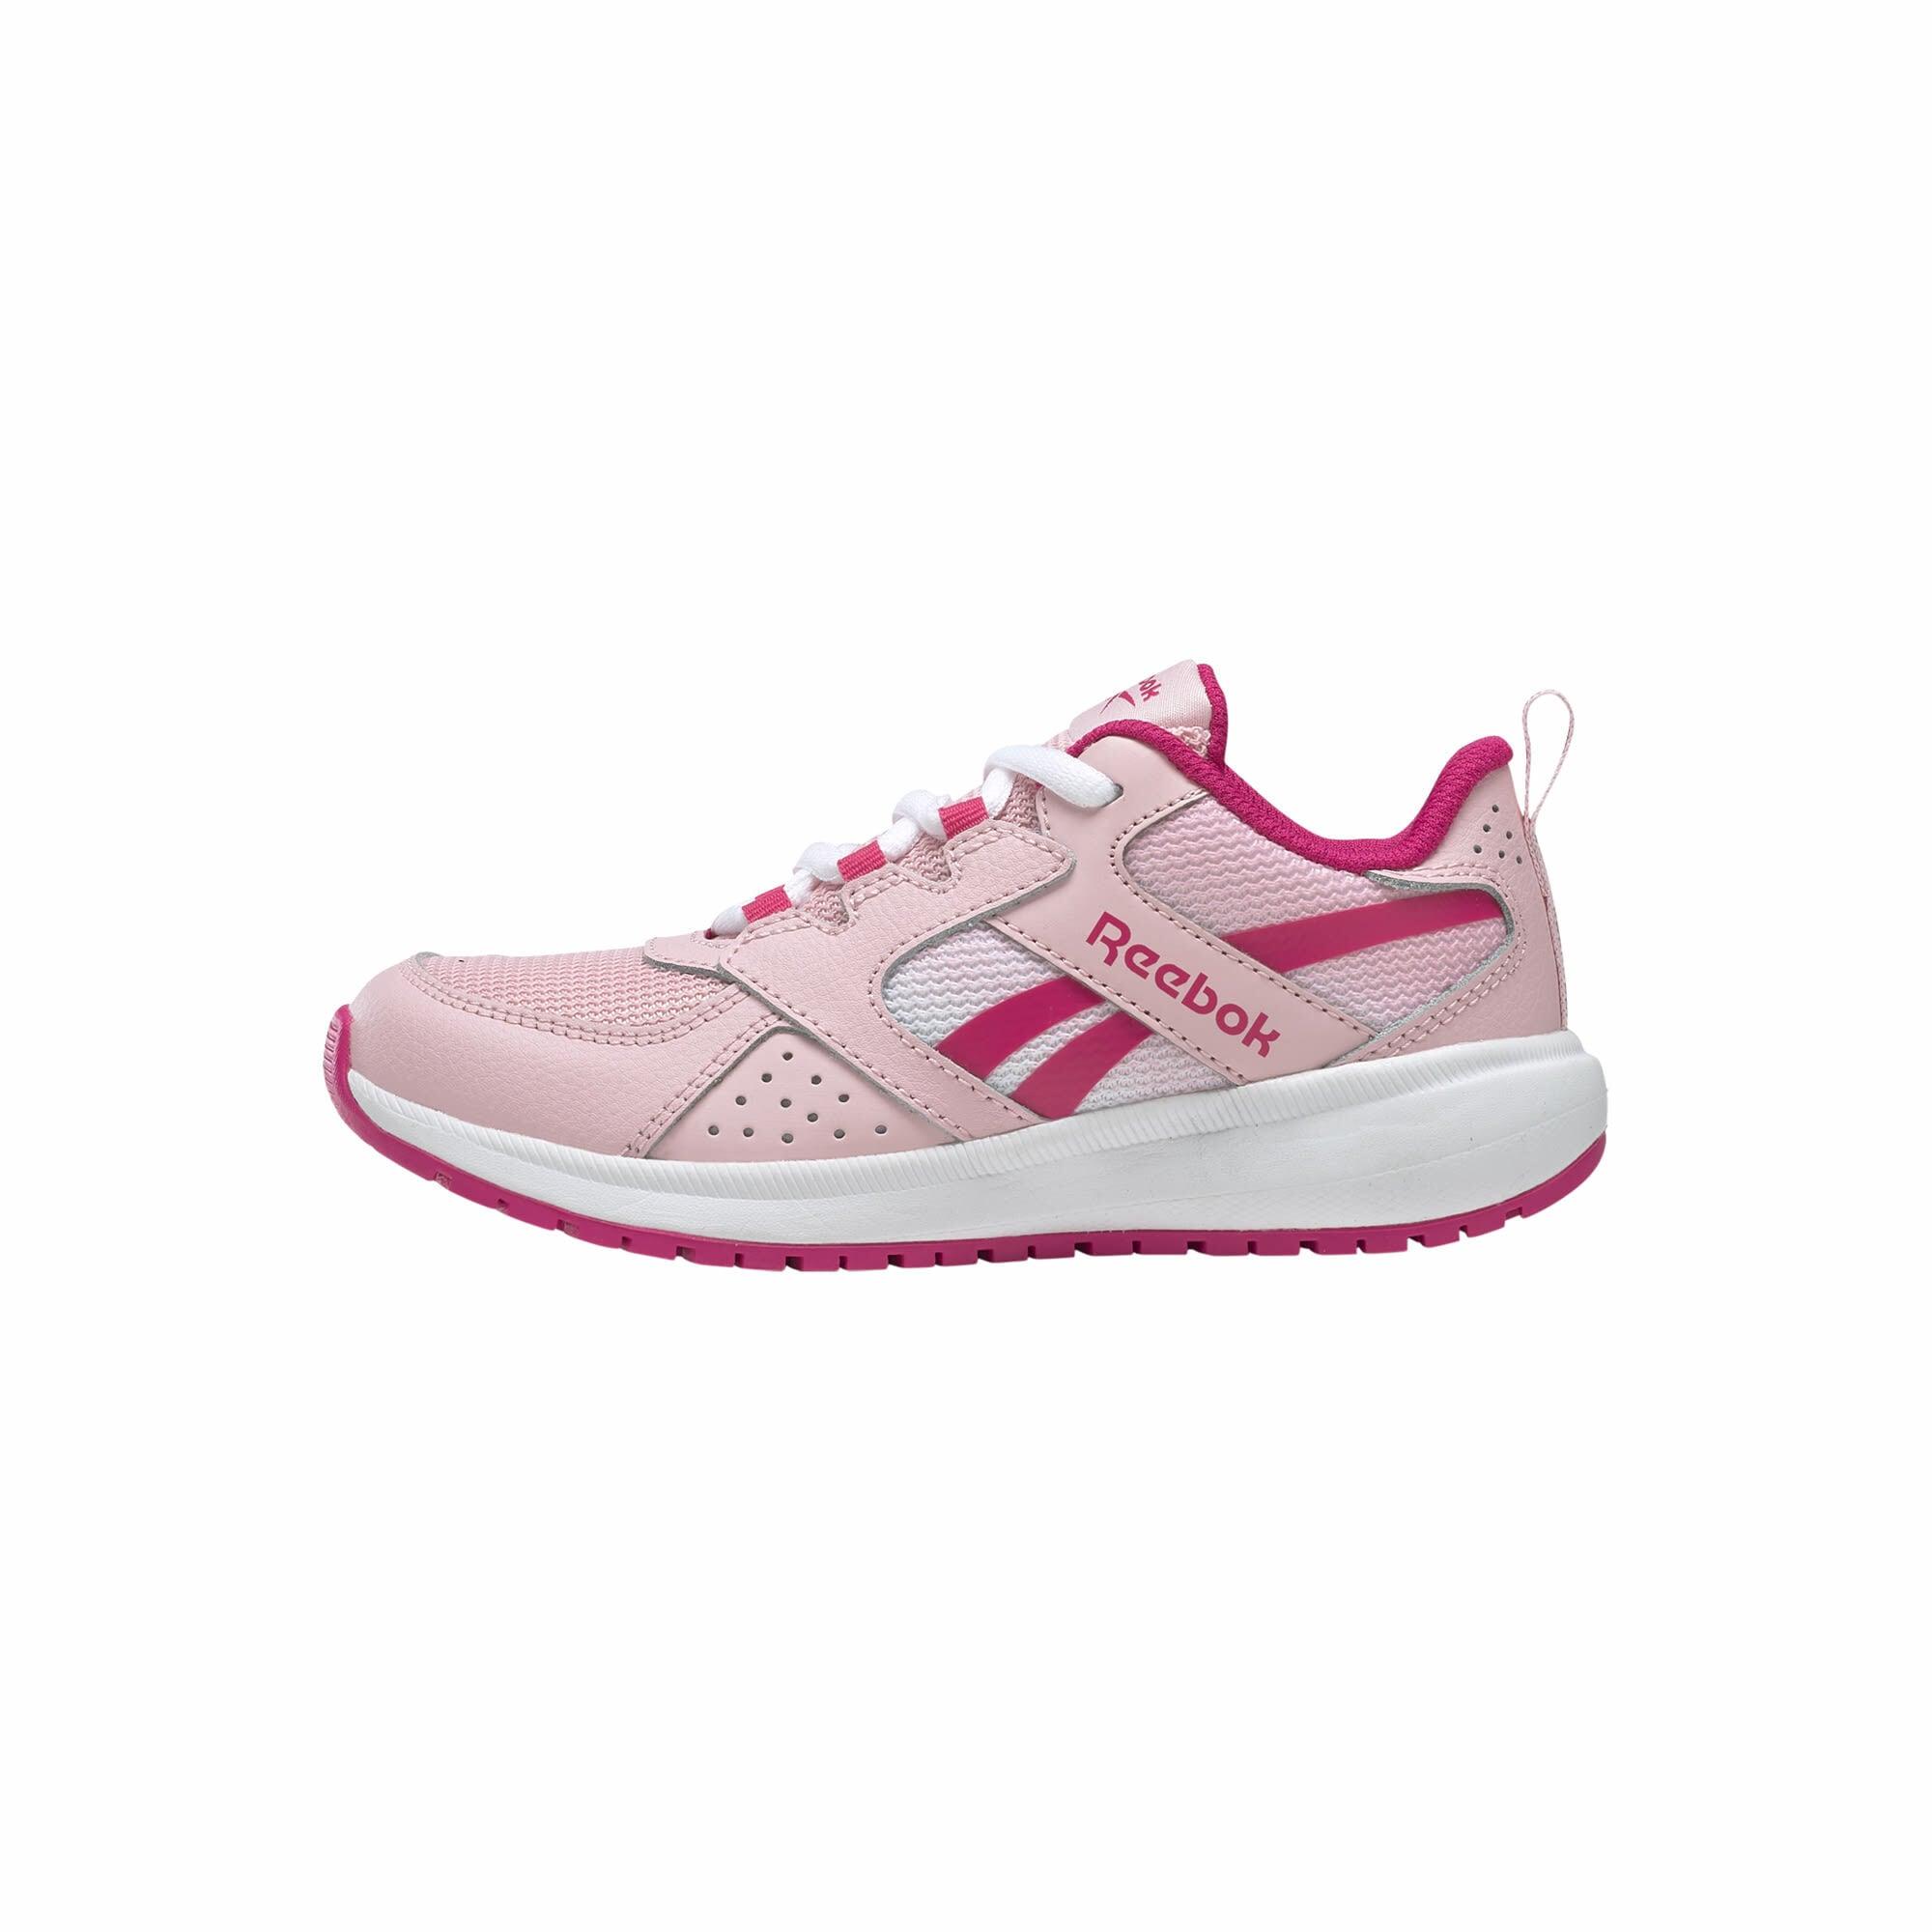 REEBOK Sportiniai batai 'Road Supreme' rožių spalva / ciklameno spalva